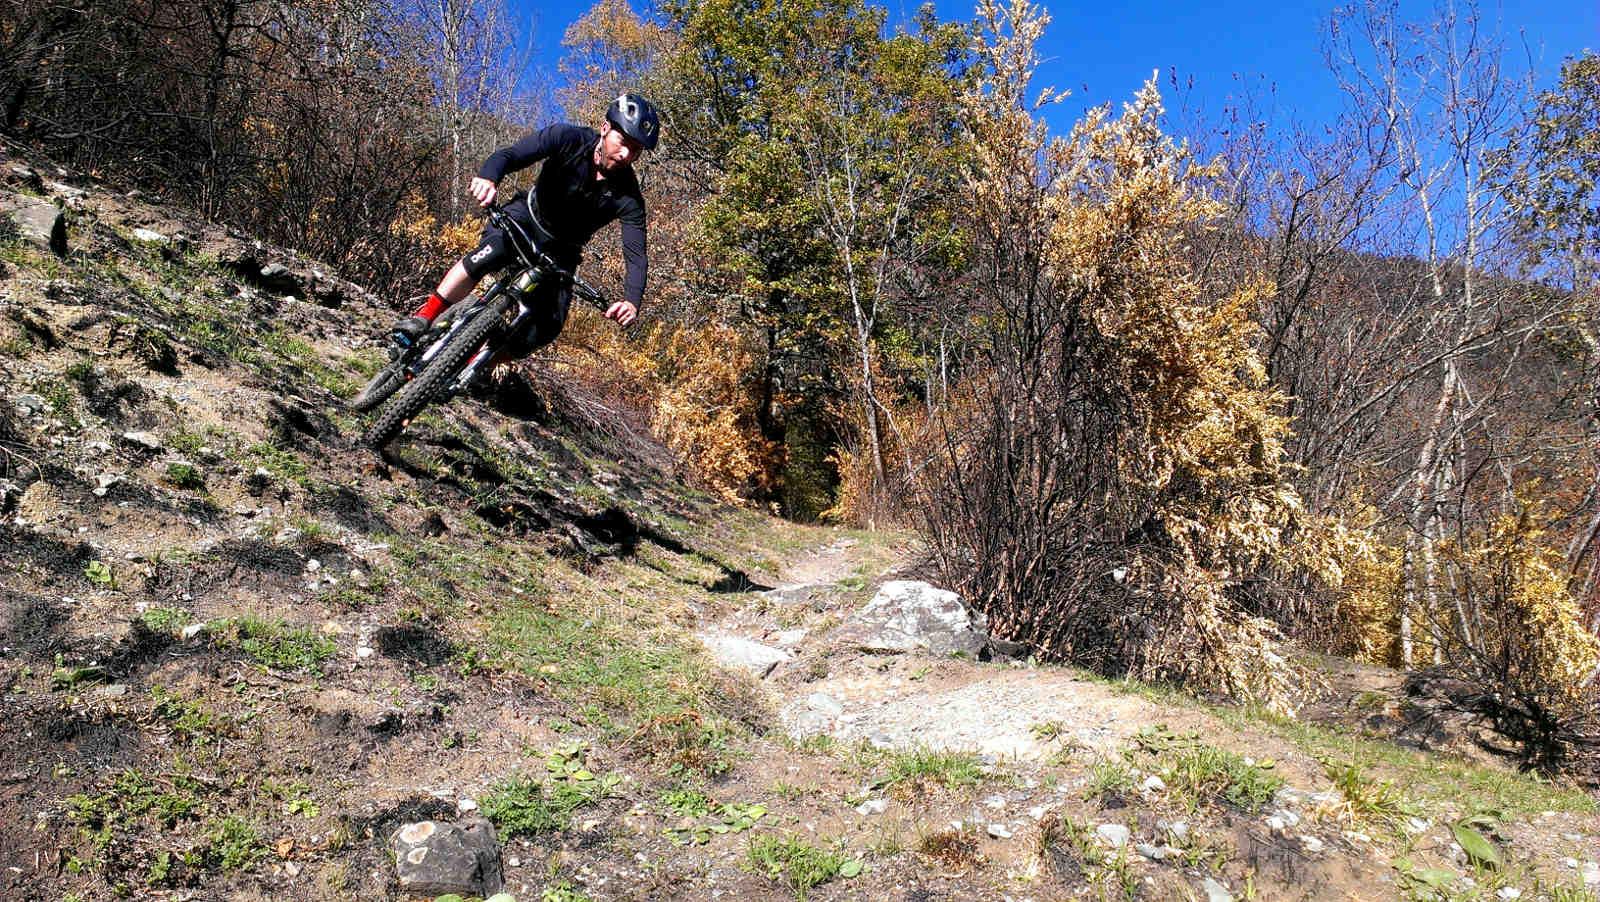 Bike Camp Hautes-Pyrénées - Backcountry MTB